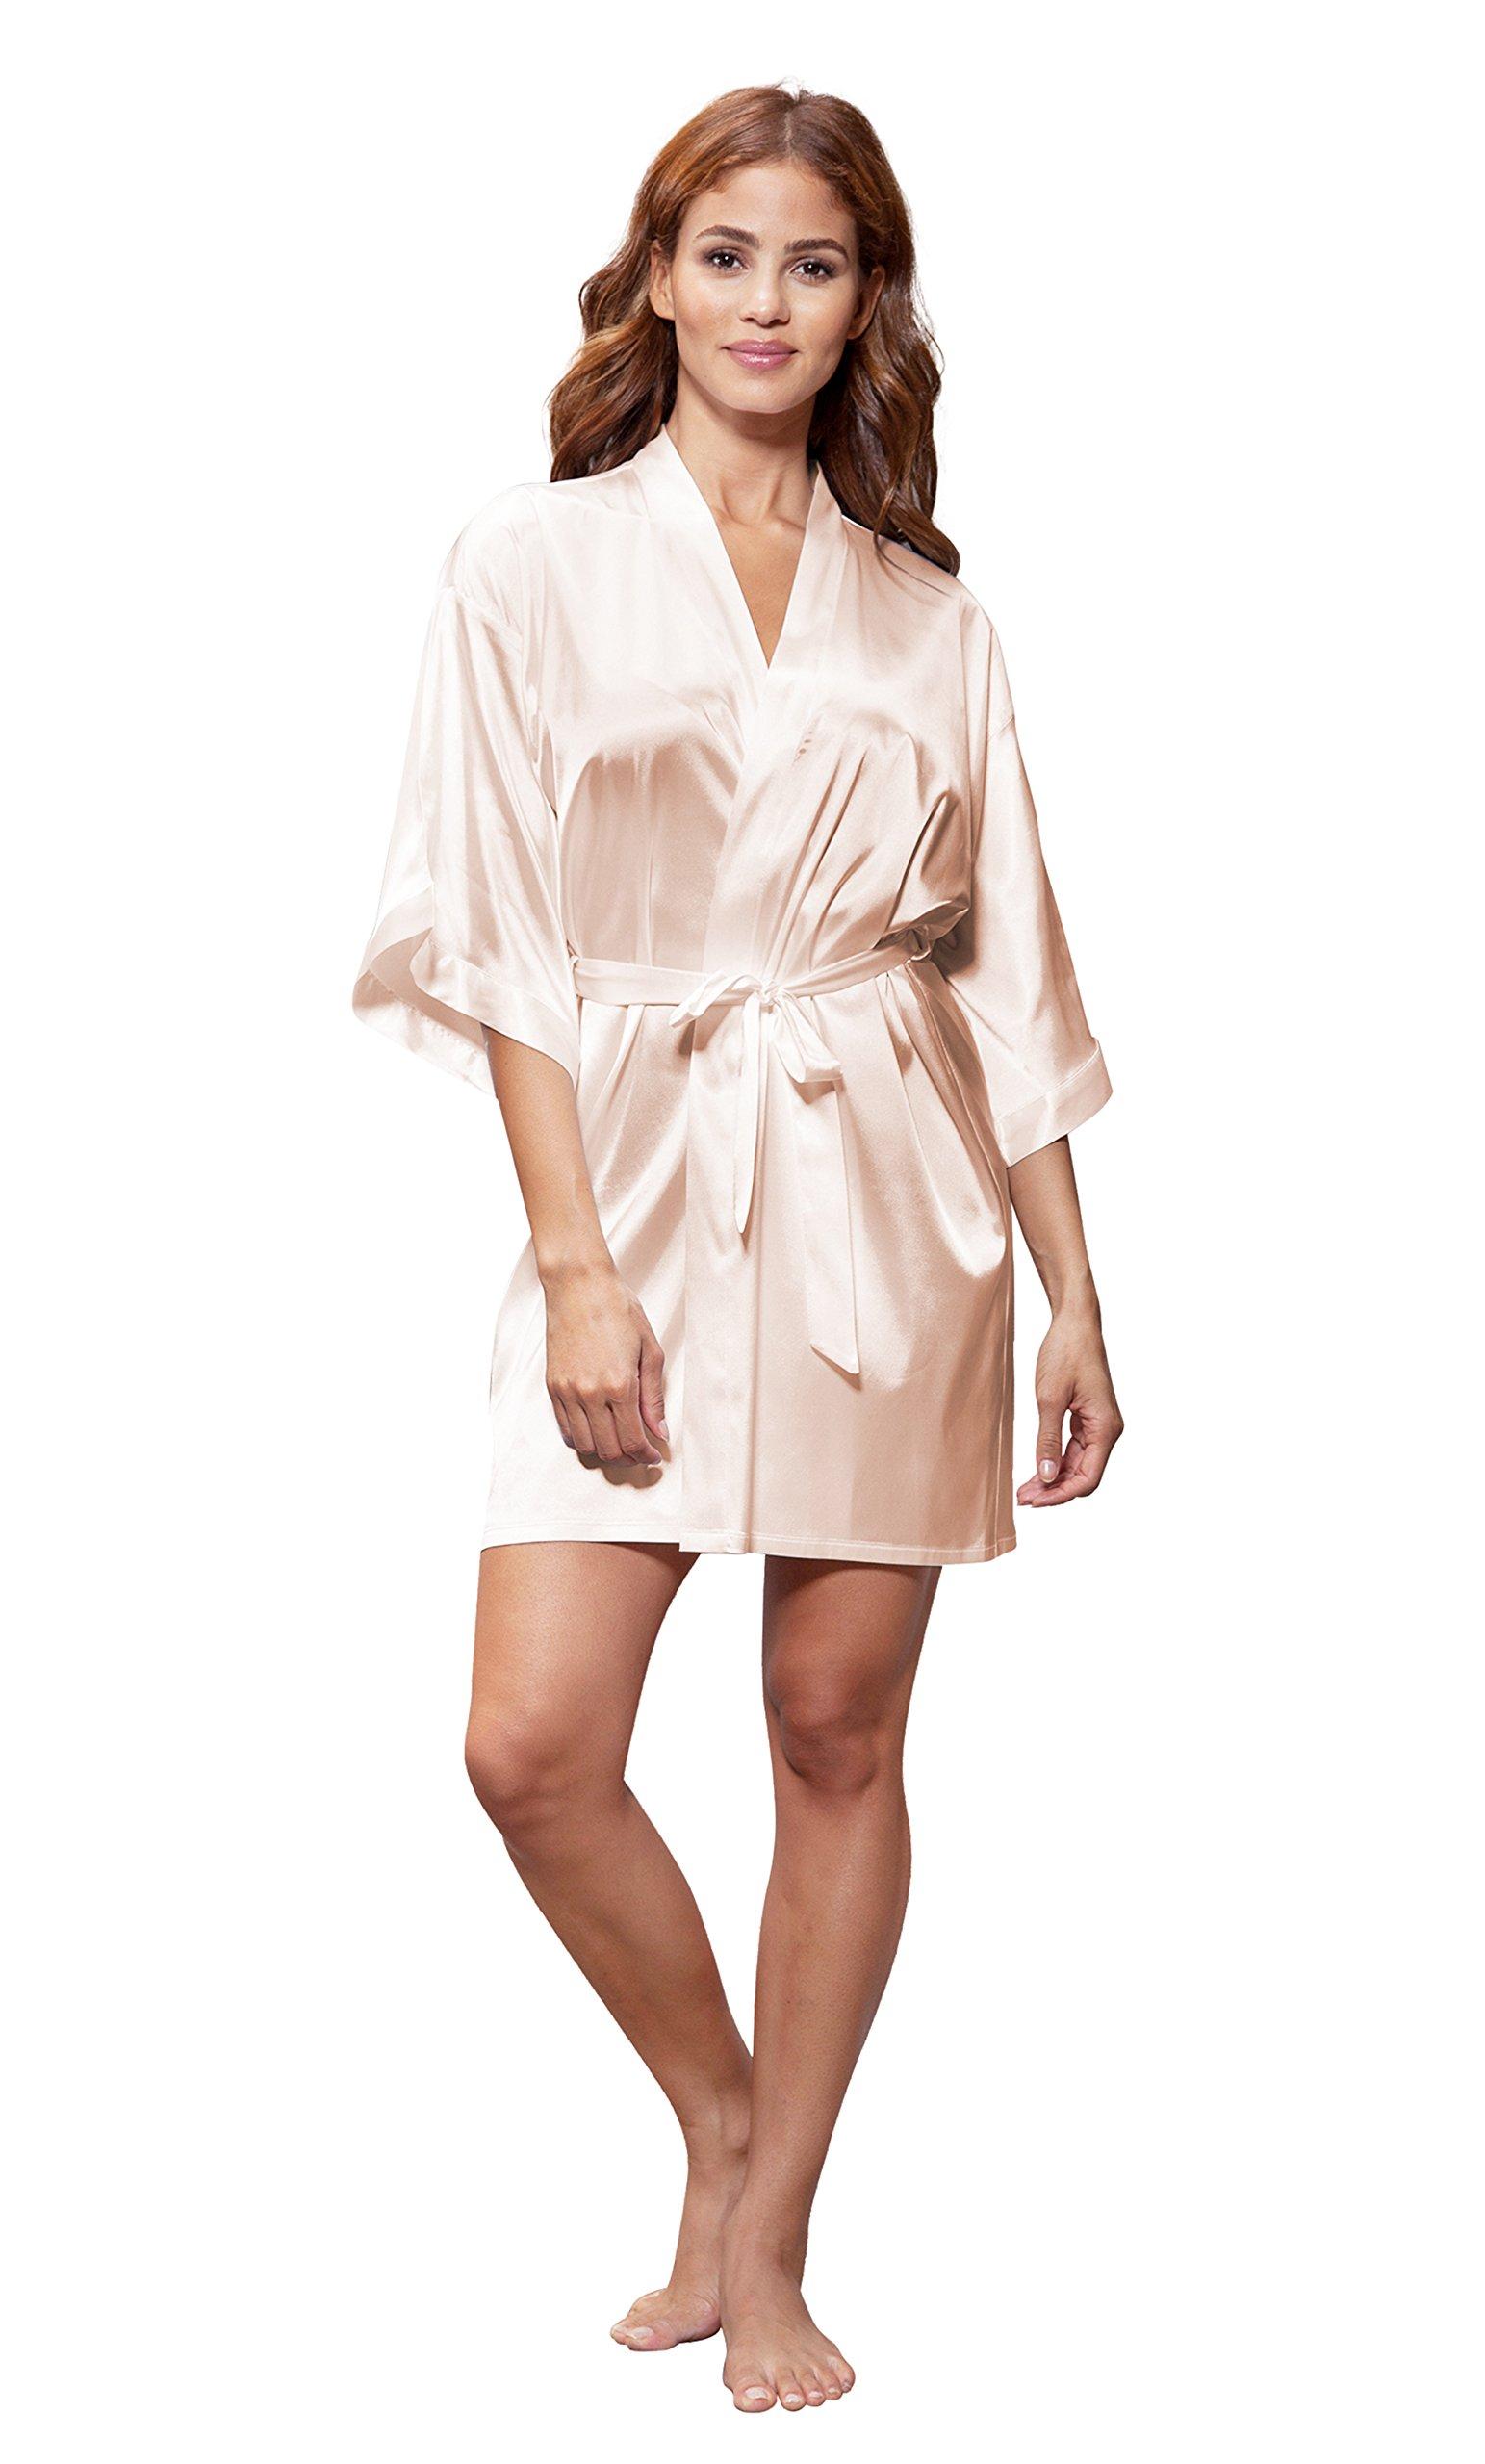 Turquaz Linen Satin Kimono Bridesmaids Robe (Small/Medium, White Peach)